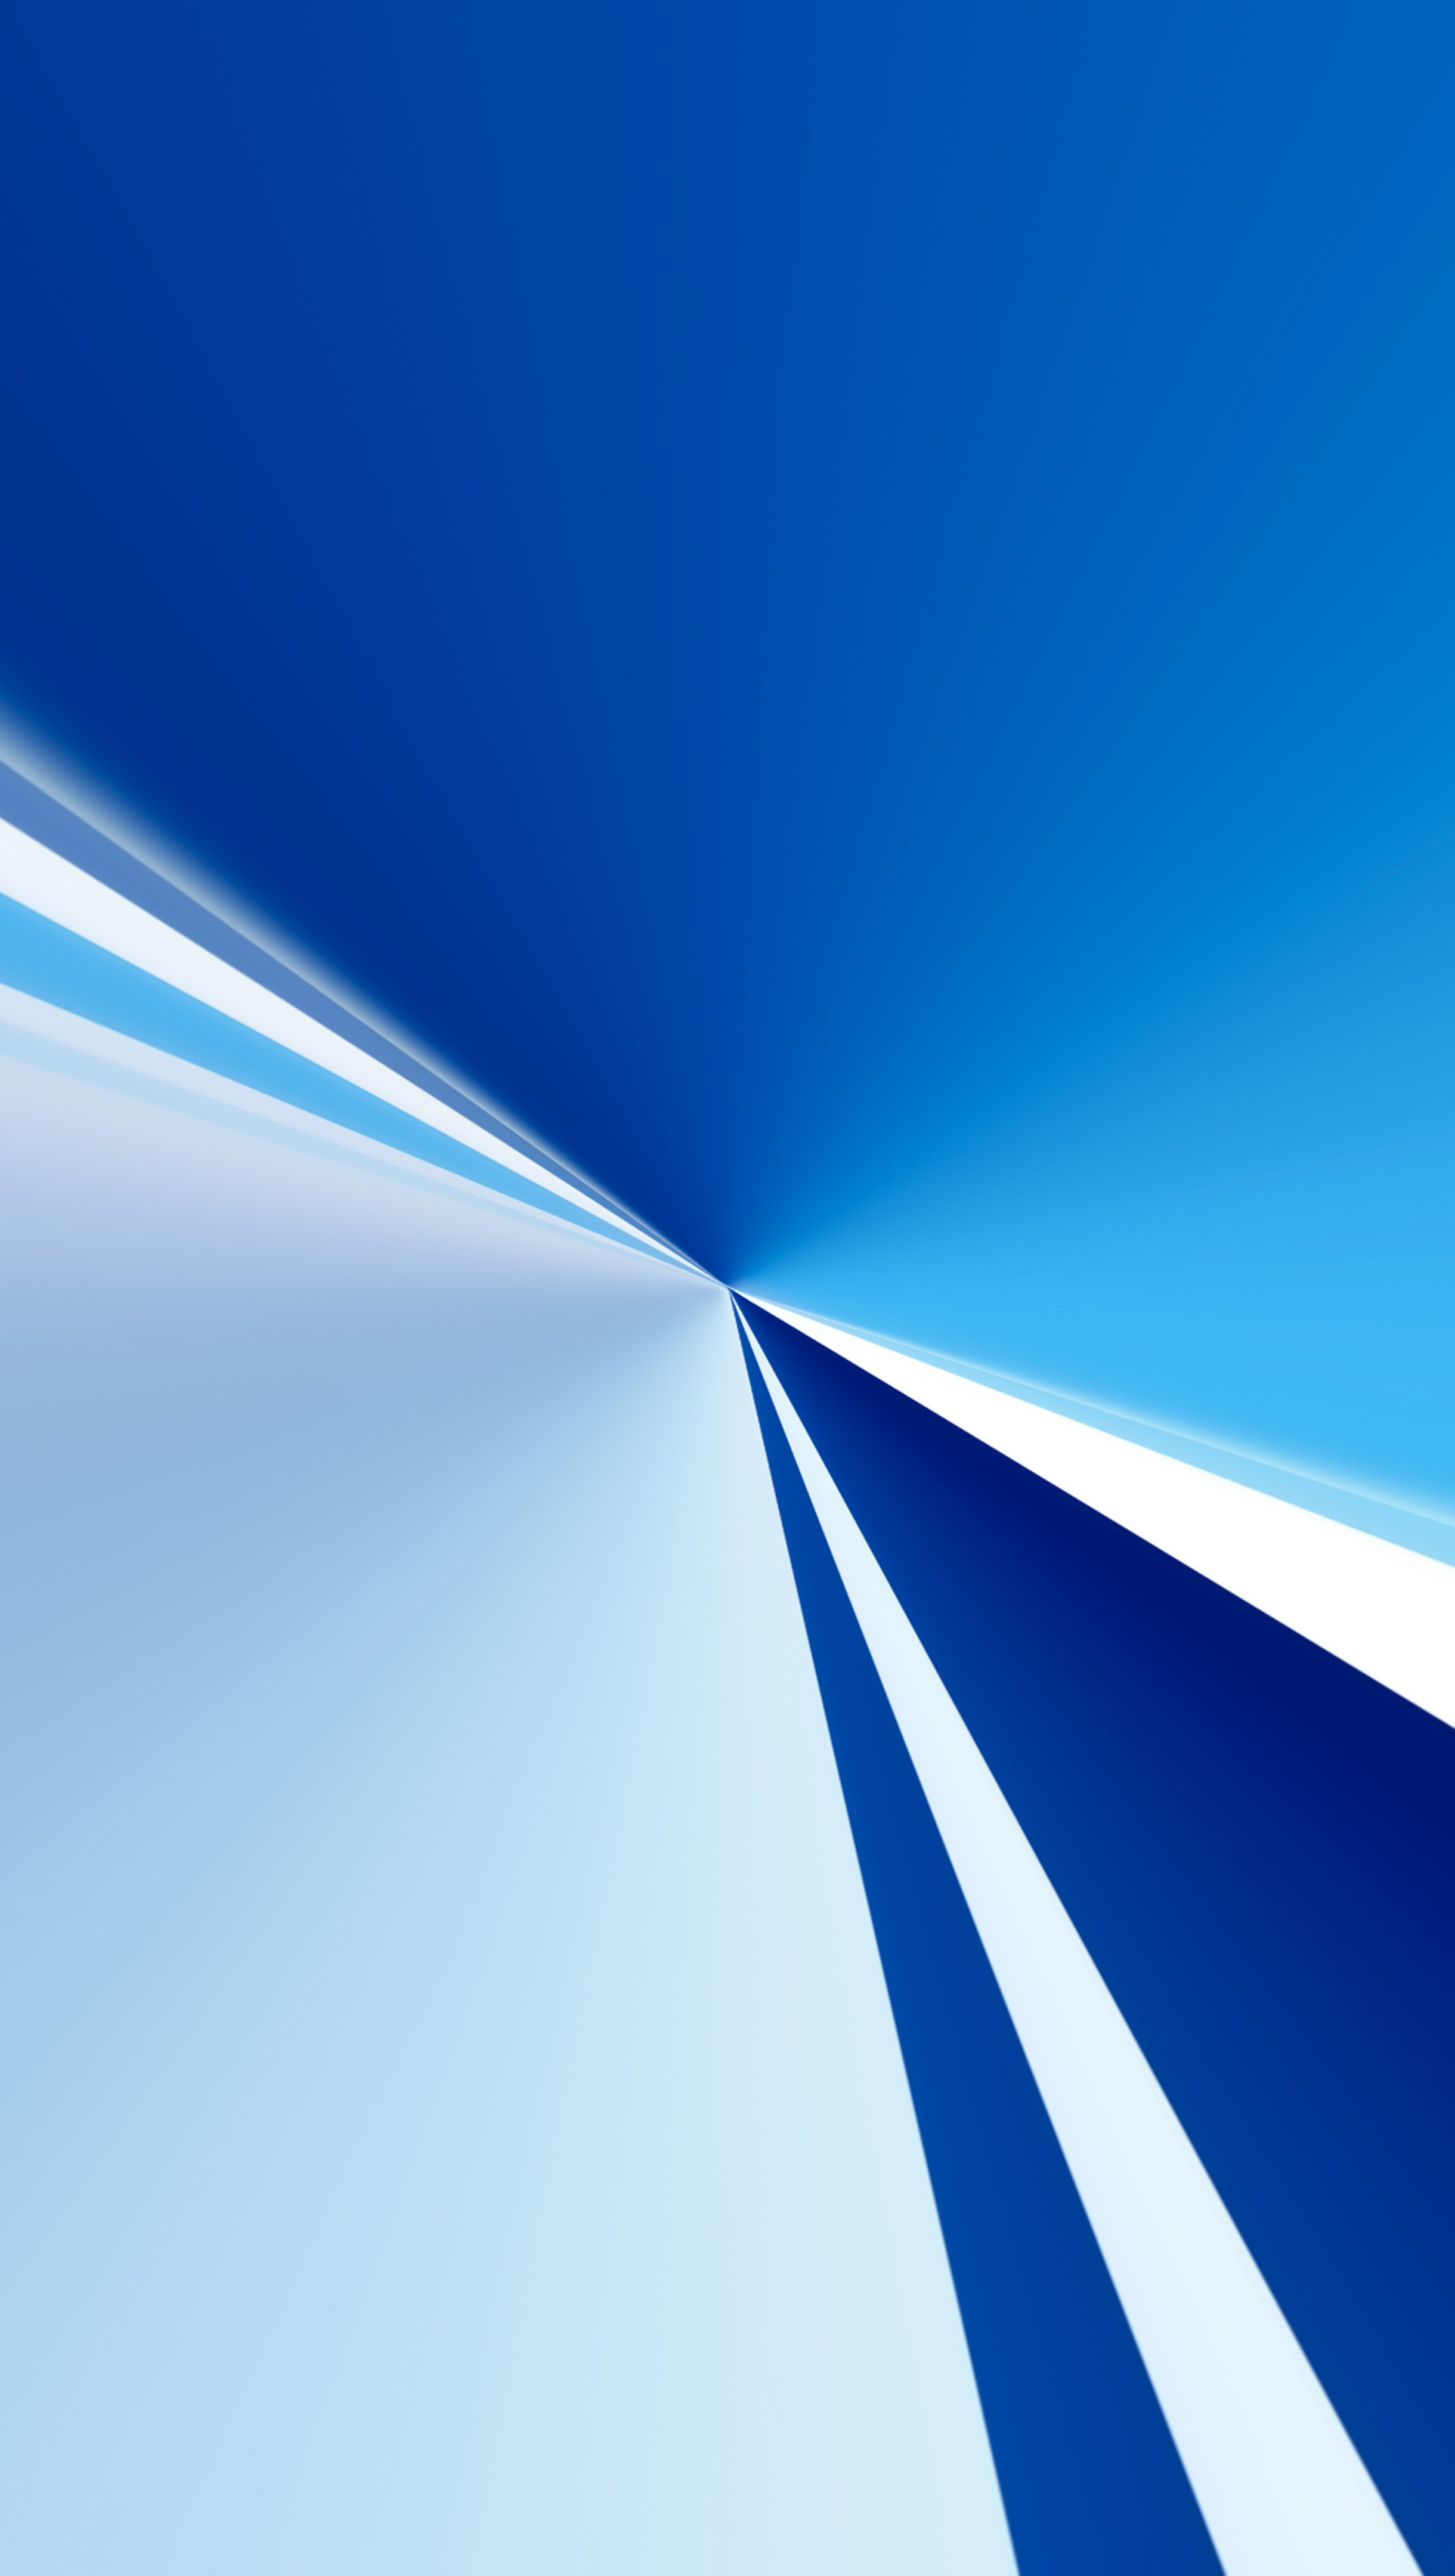 Fondos de pantalla Luces azules en figuras geometricas Vertical